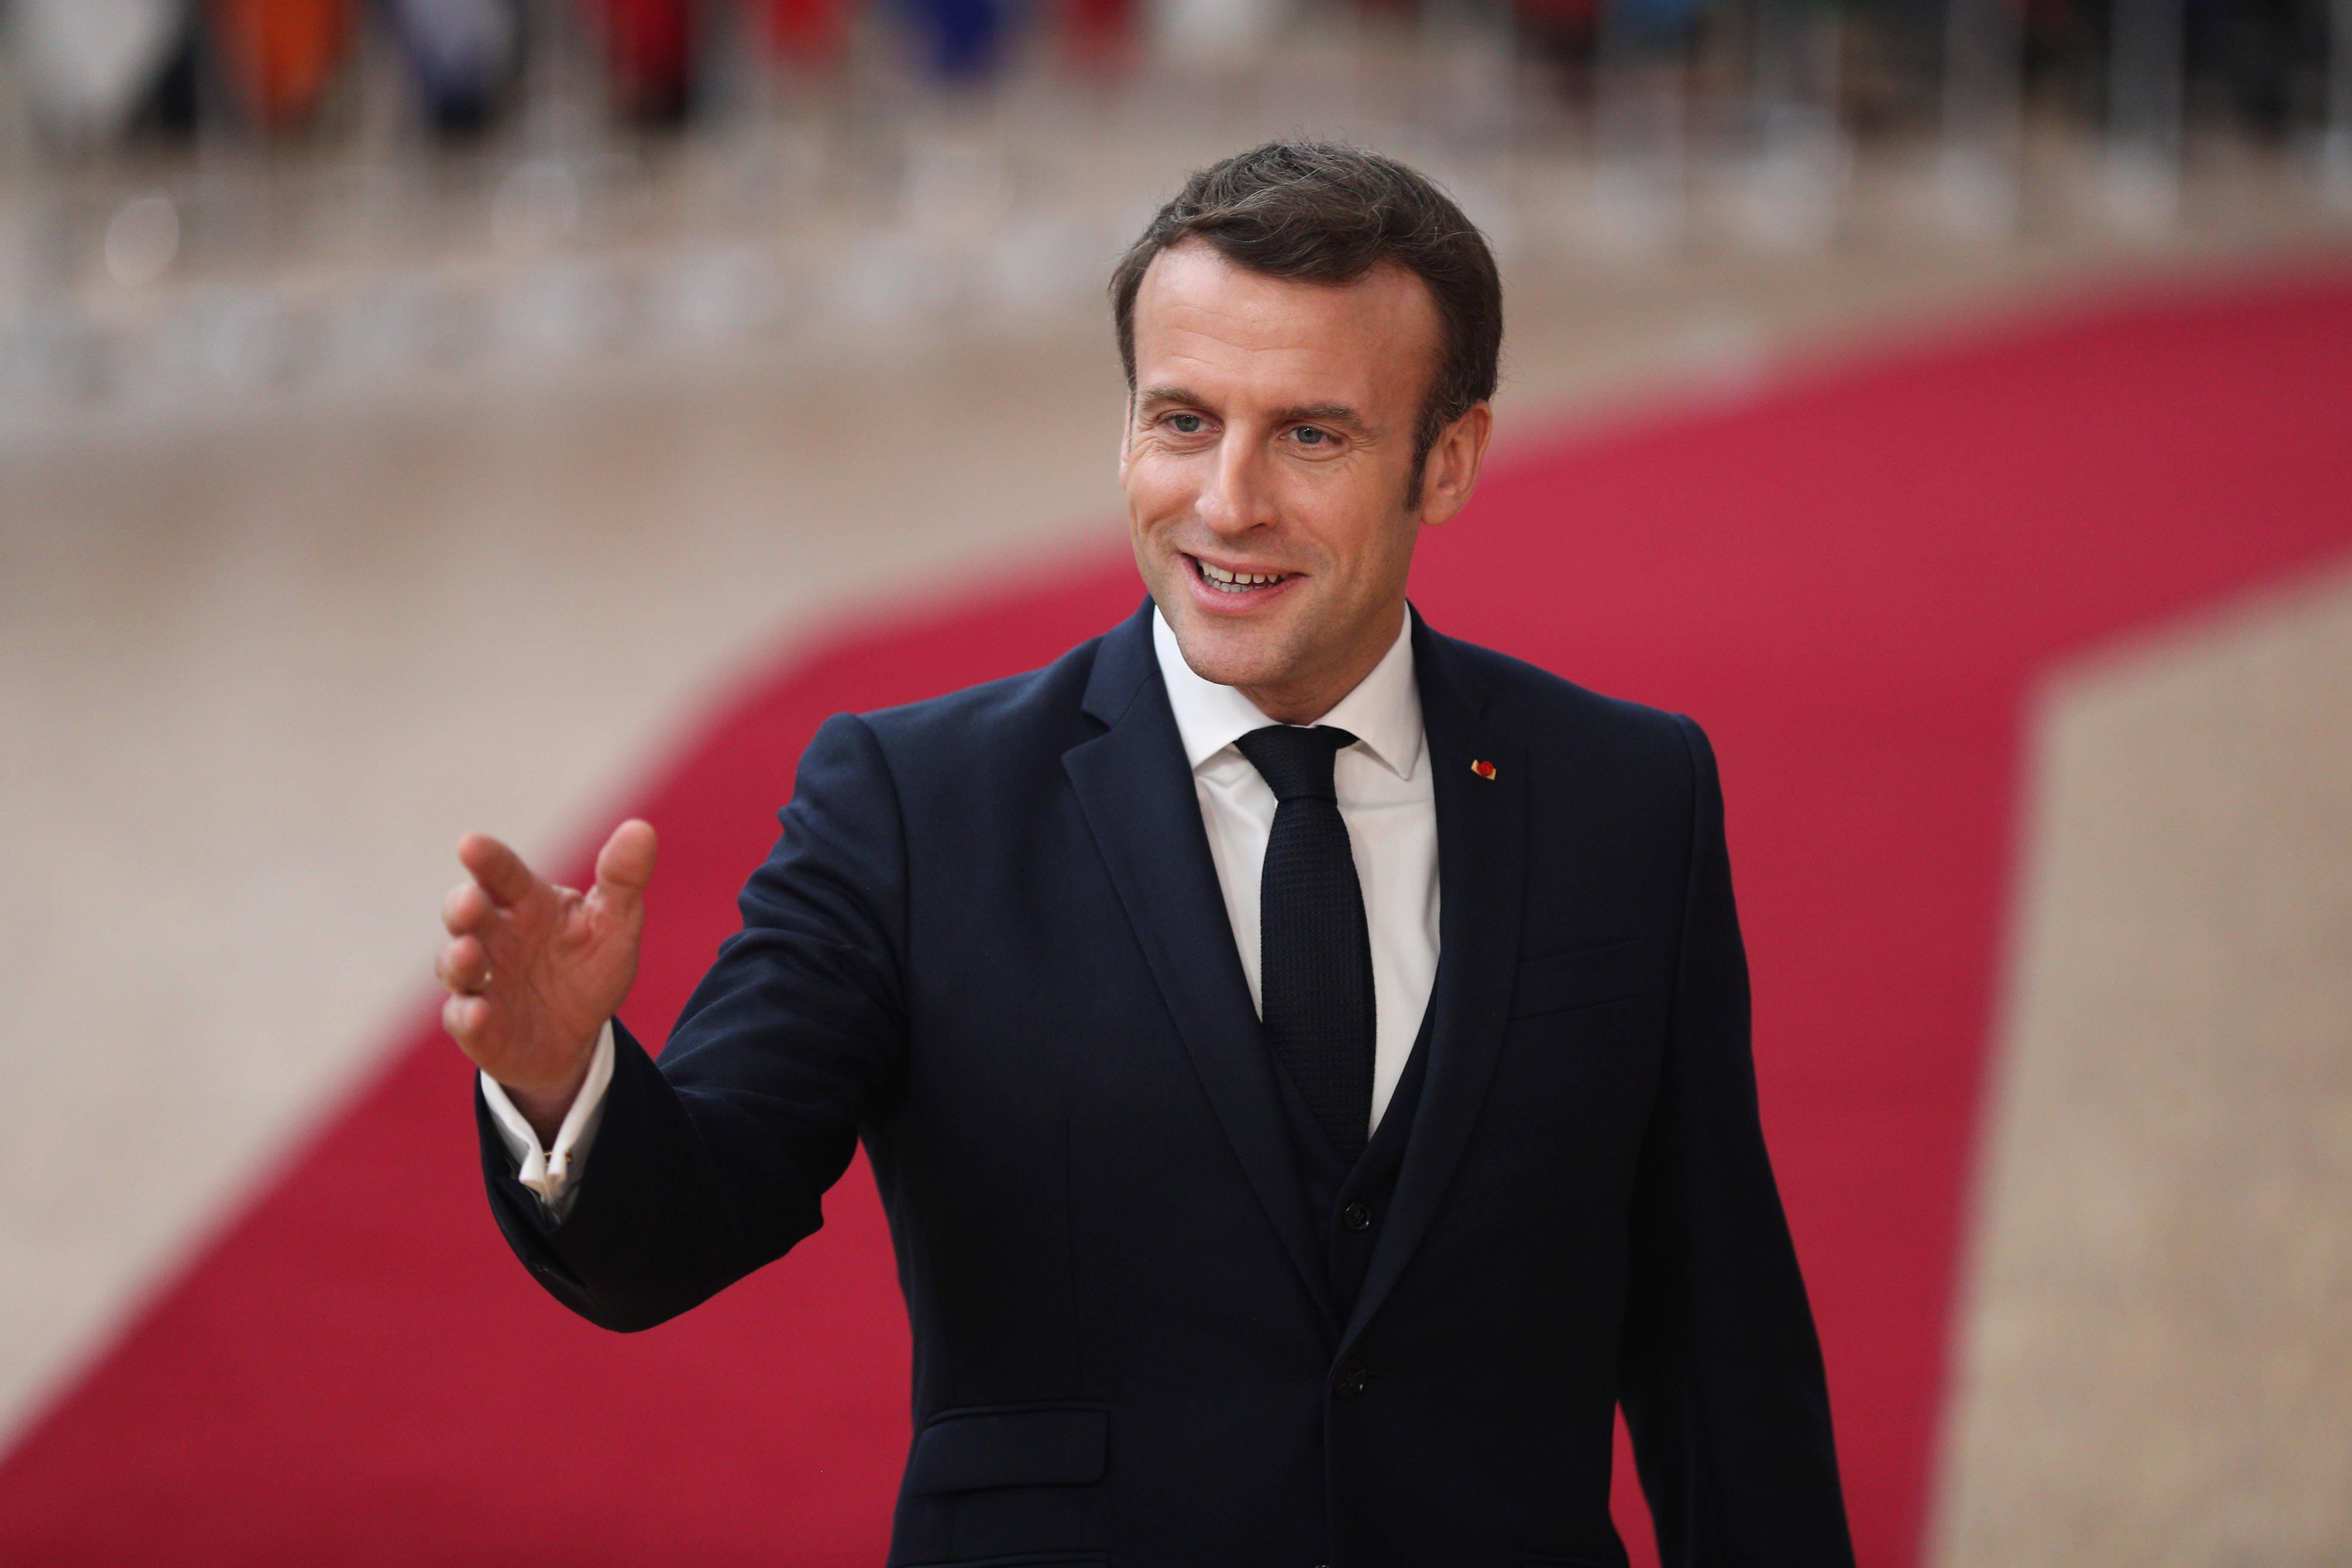 国际奥委会 国际奥委会主席巴赫与法国总统马克龙商谈简化2024年巴黎奥运会